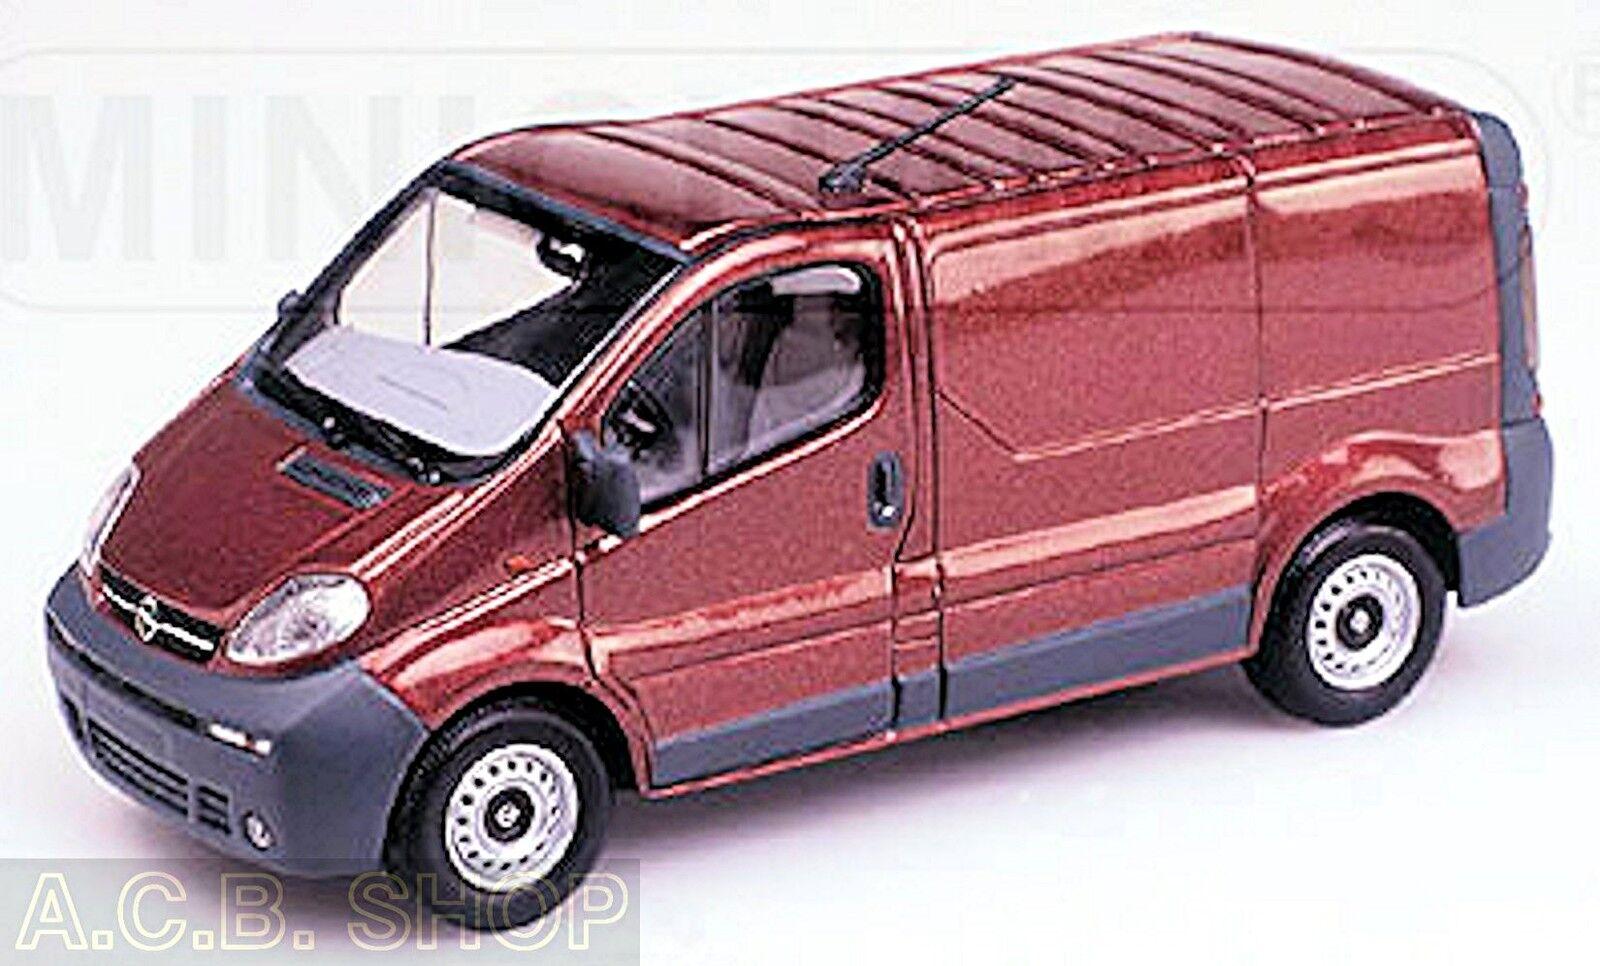 Opel vivario delivery van van van recuadro coche 2000-06 rojo rojo metalizado 1 43 Minichamps d85efe